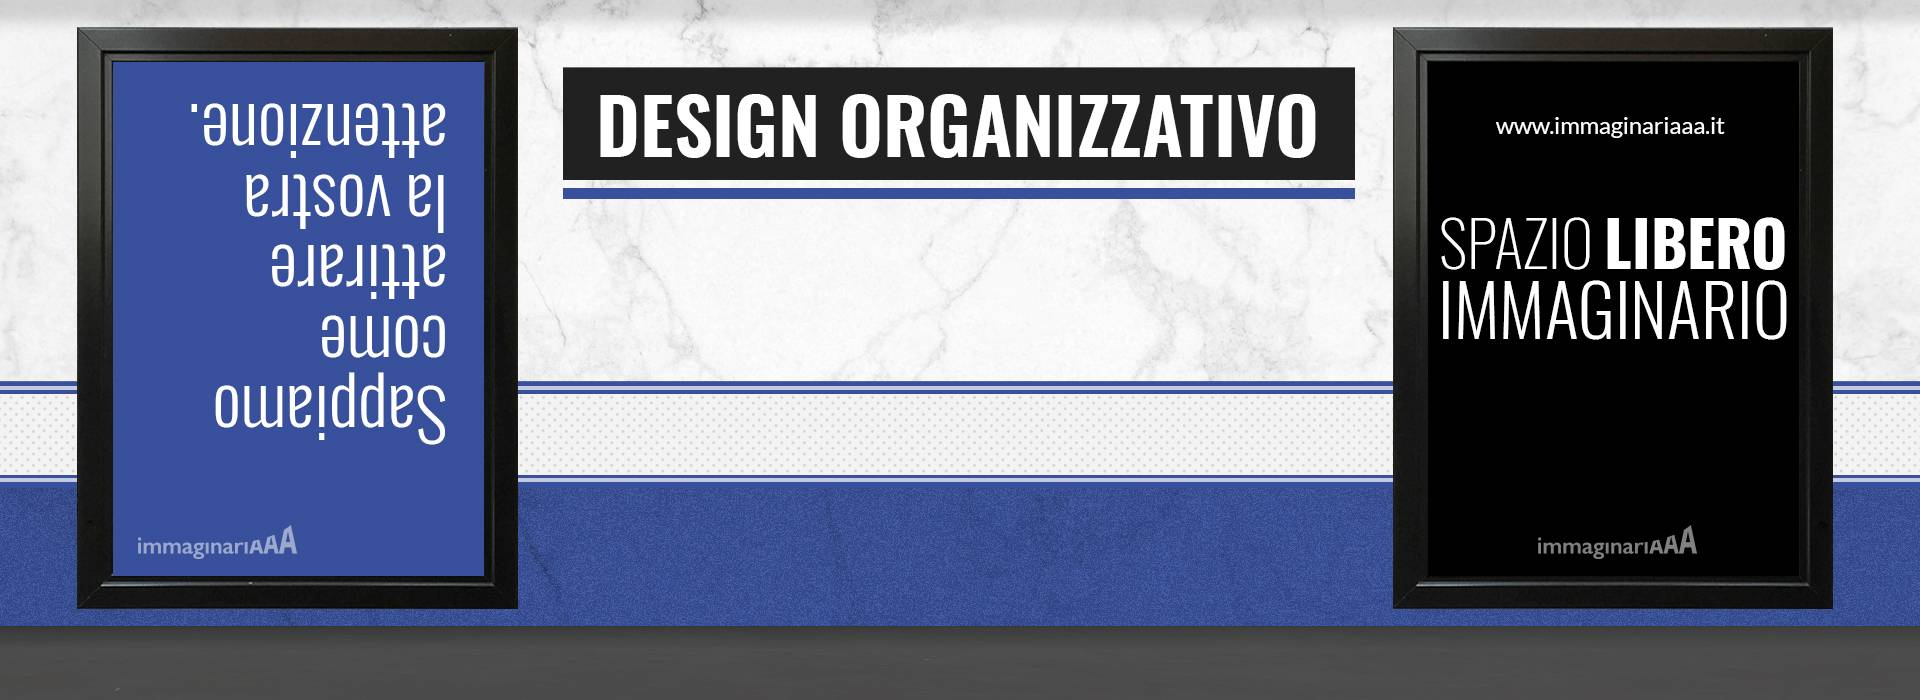 Design organizzativo